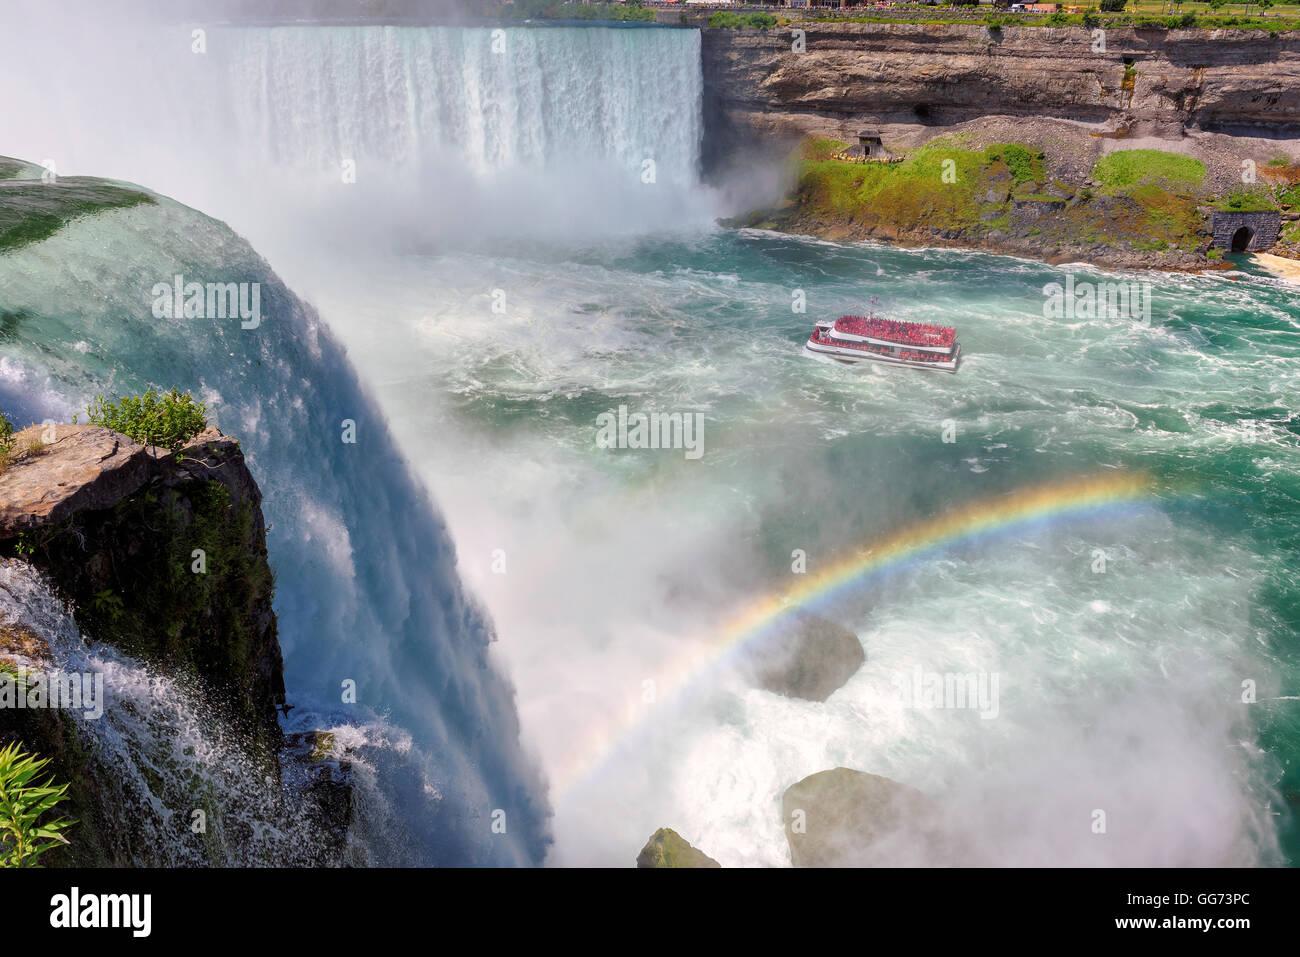 Les chutes du Niagara, et arc-en-bateau touristique Banque D'Images